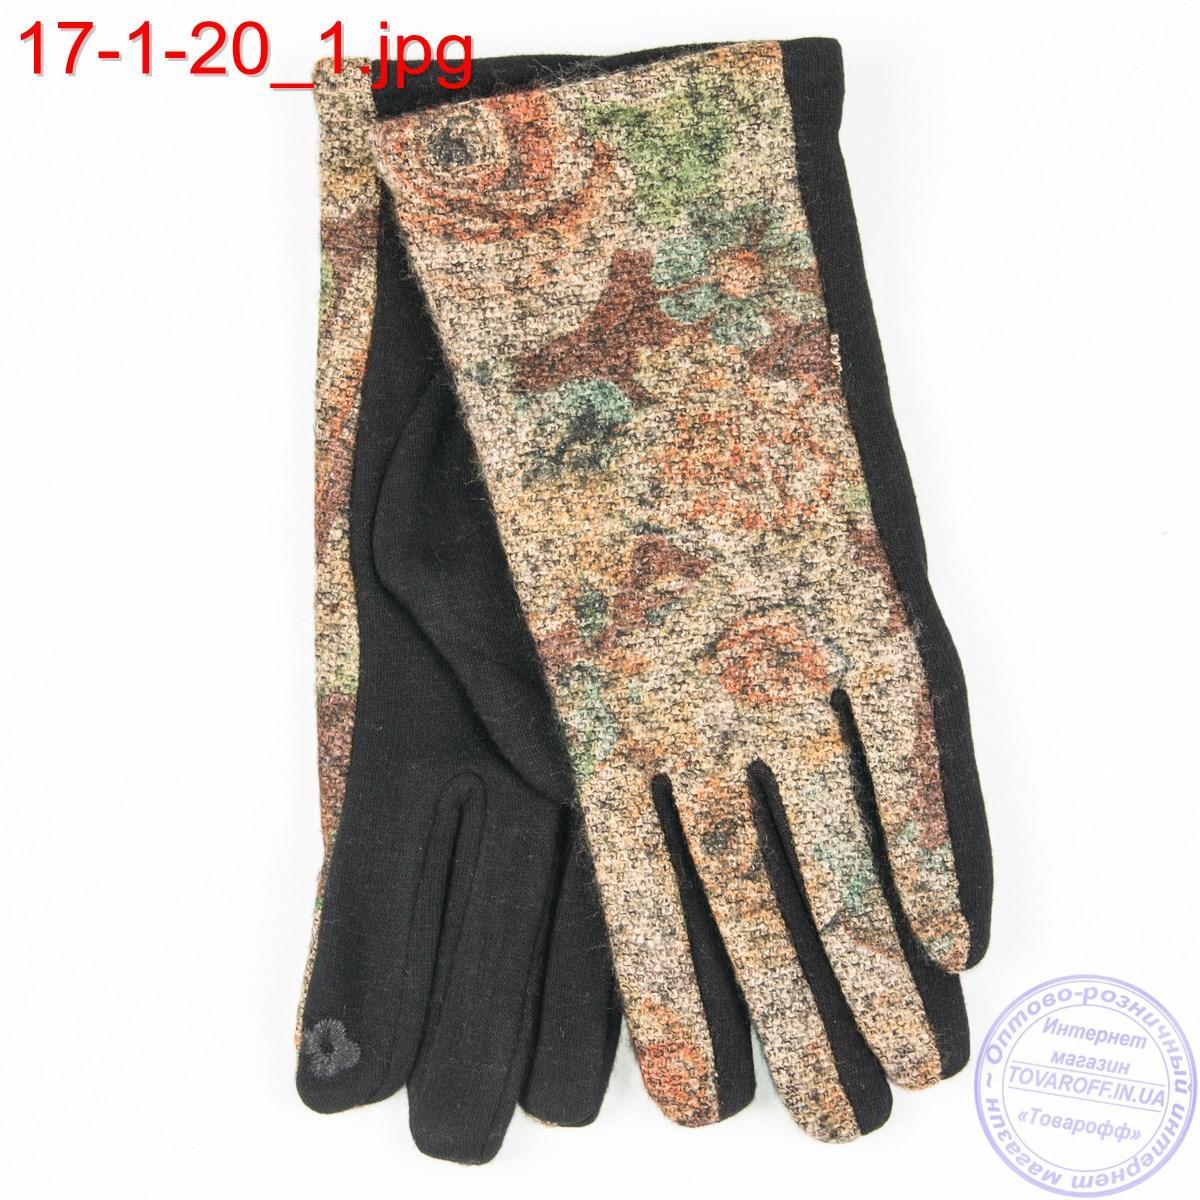 Оптом женские трикотажные стрейчевые перчатки для сенсорных телефонов - №17-1-20